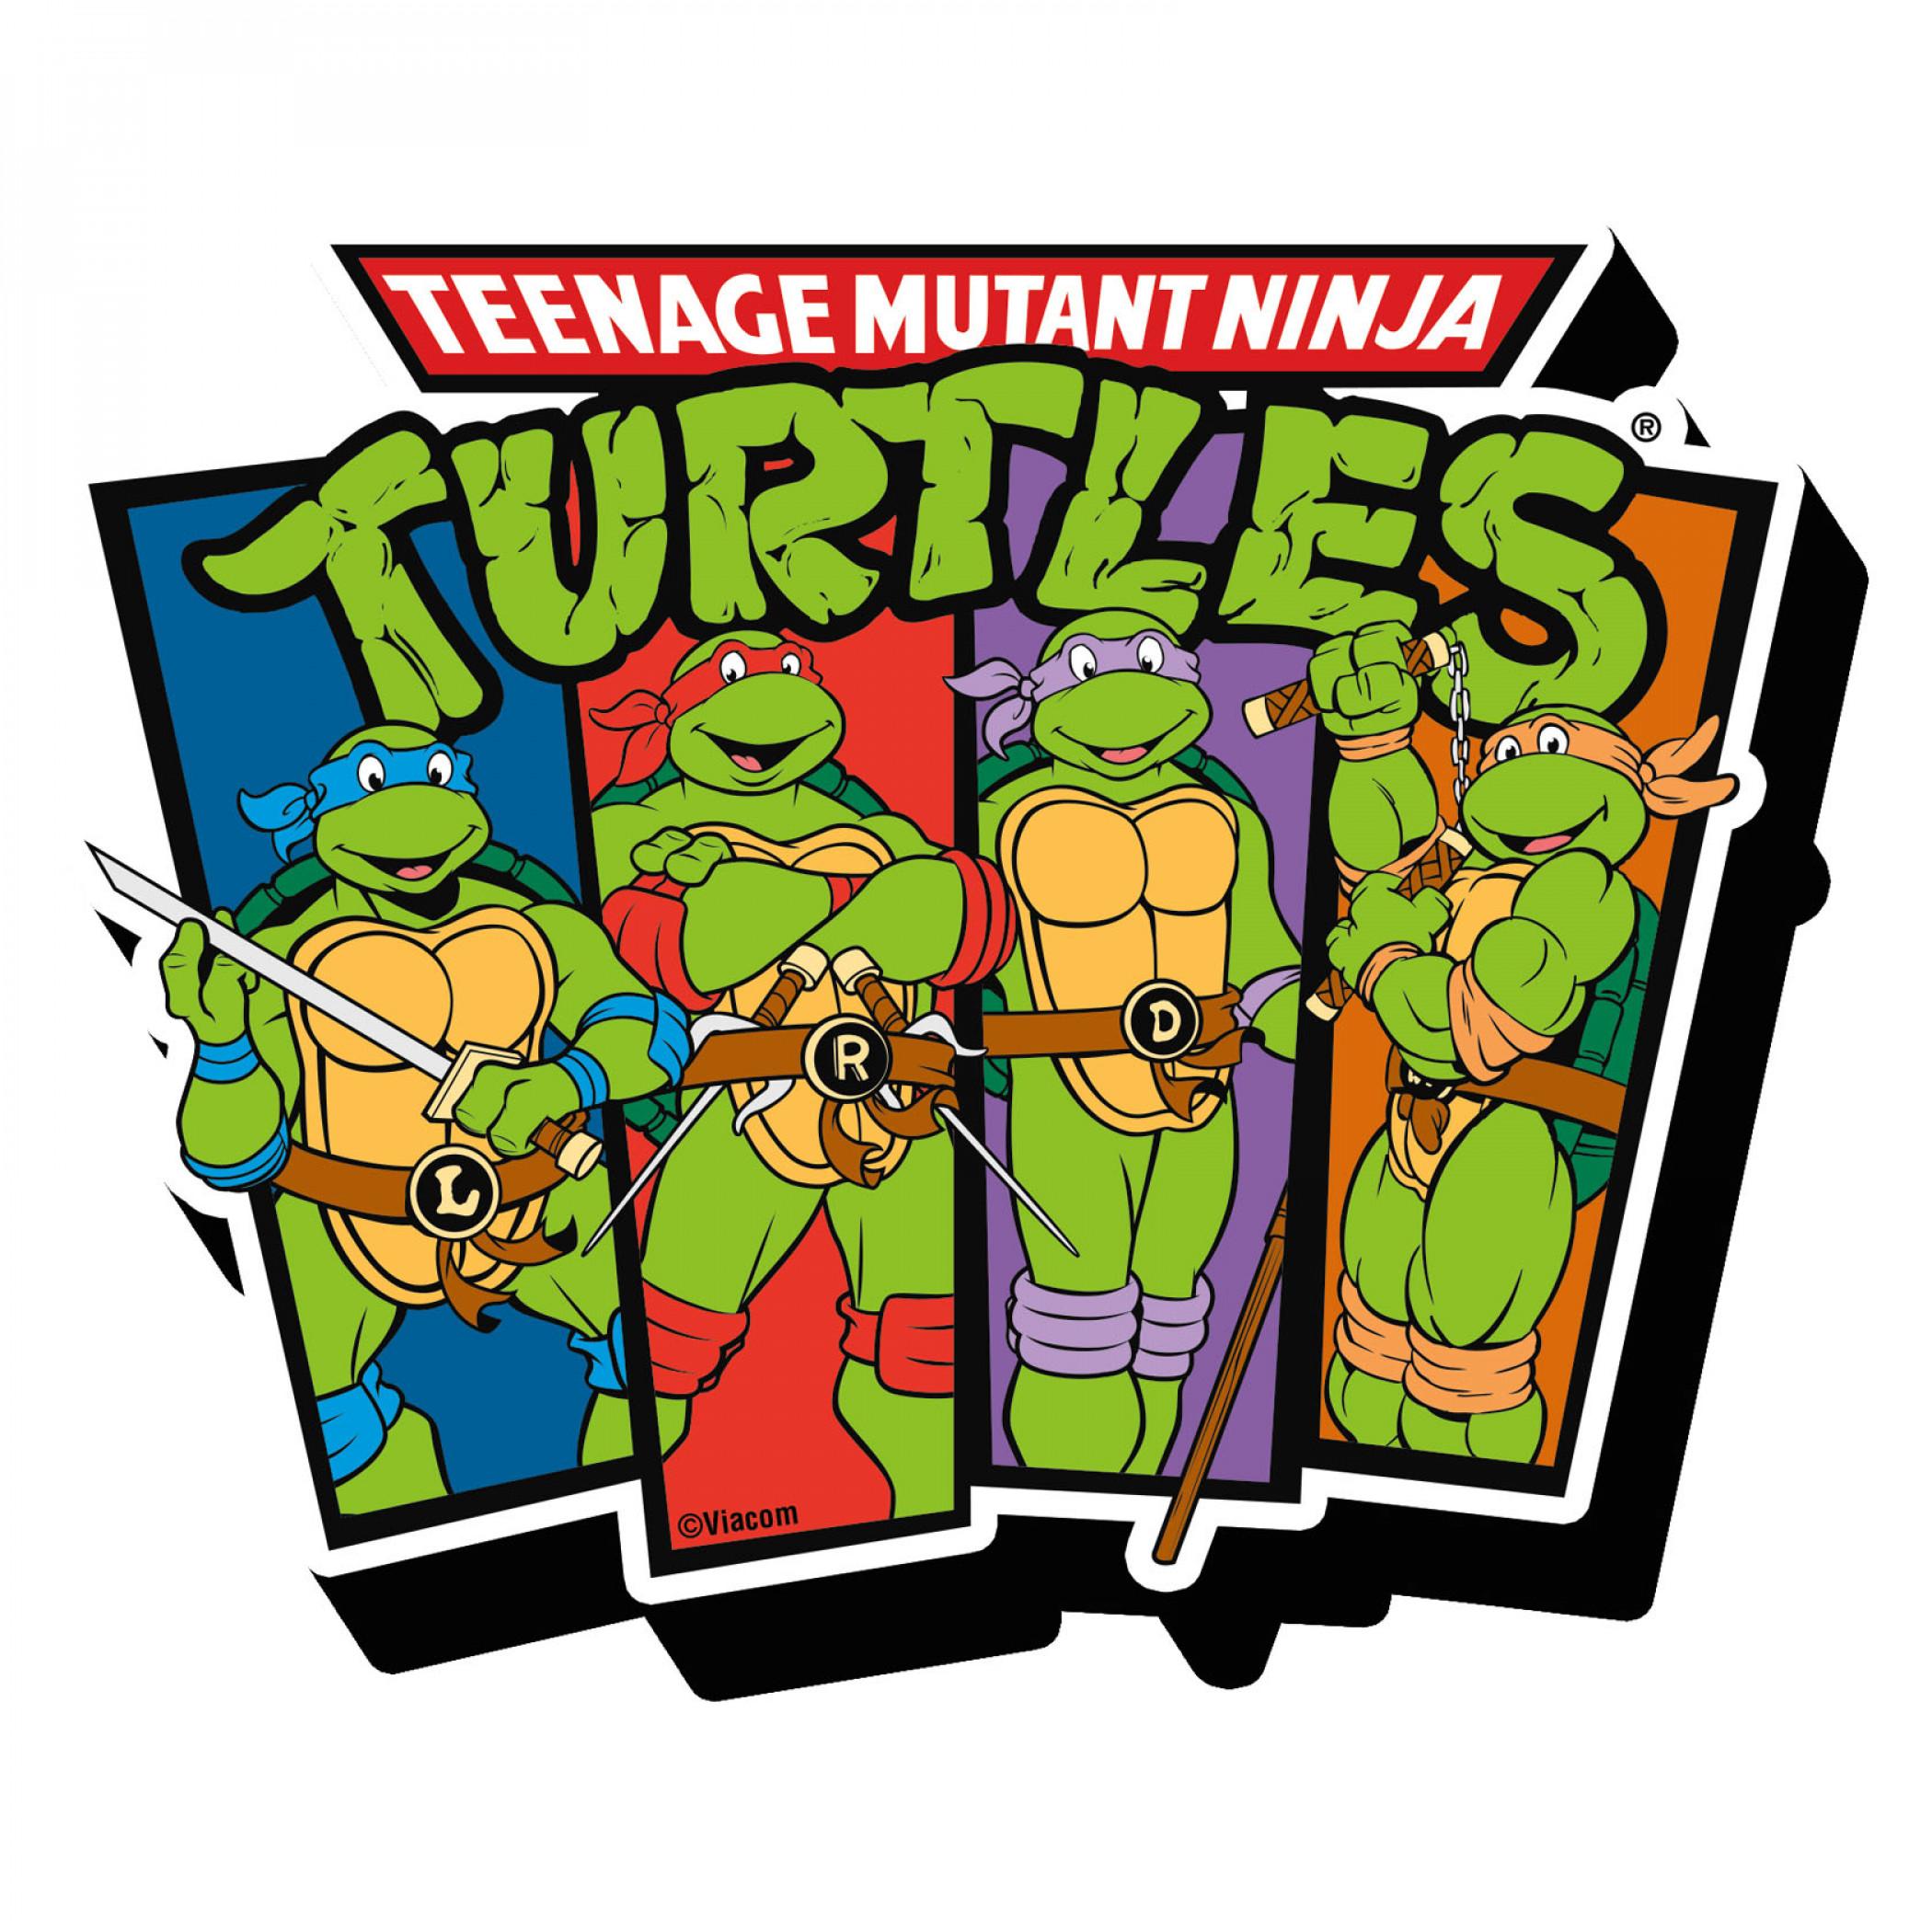 Teenage Mutant Ninja Turtles TMNT Characters Magnet